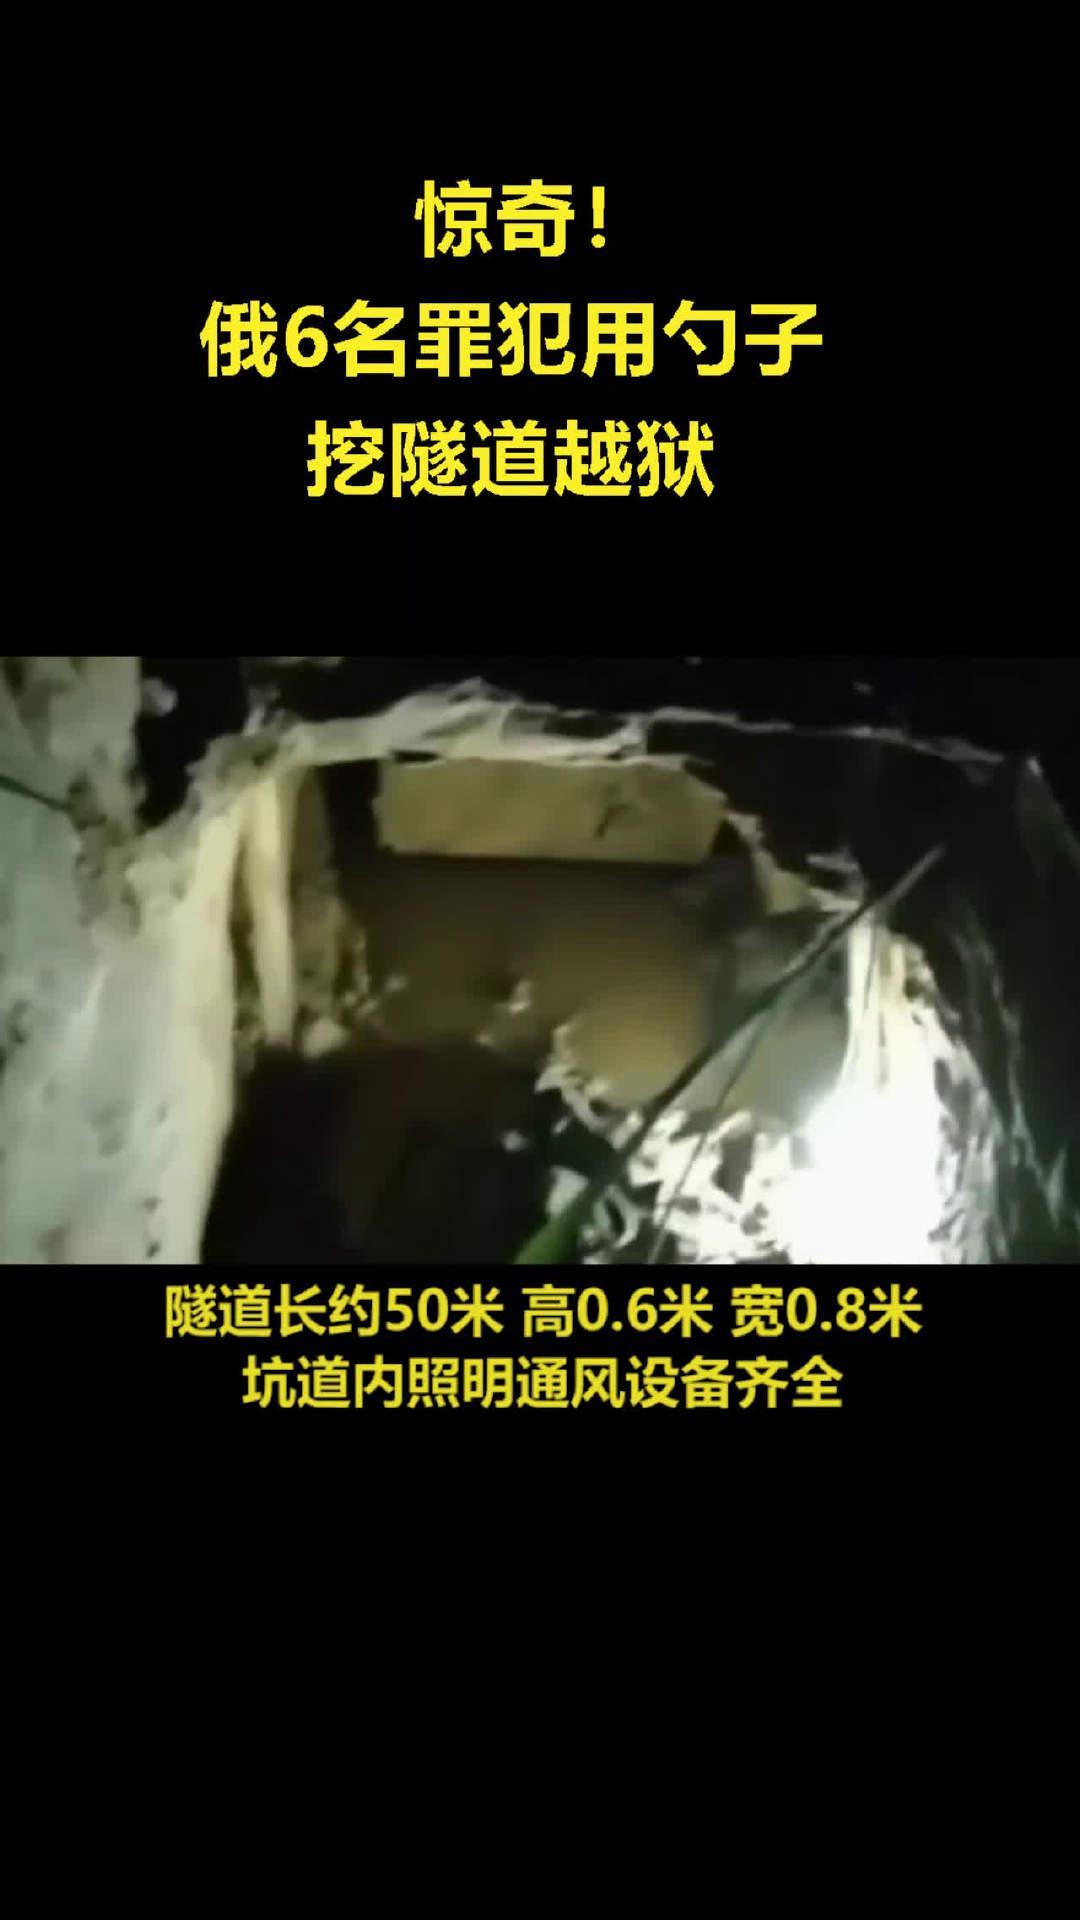 俄6名罪犯用勺子挖隧道越狱:挖了一年!